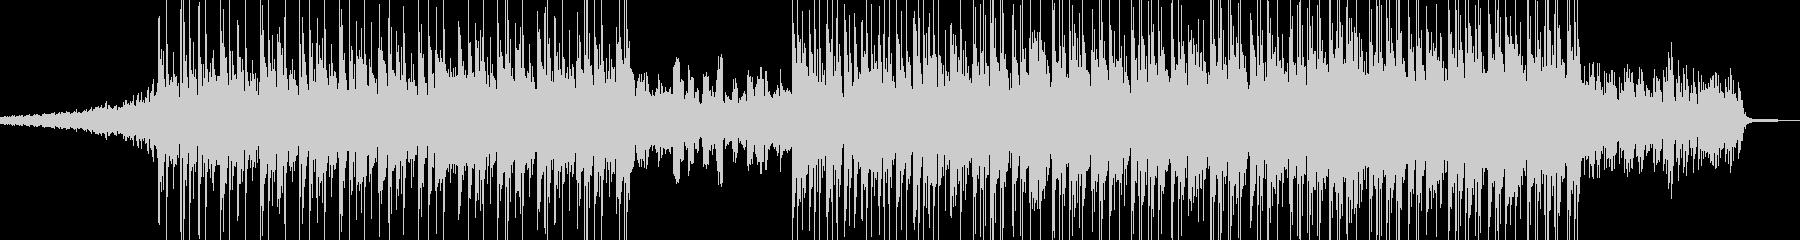 電脳・空想科学的なエレクトロ エレキ有Aの未再生の波形